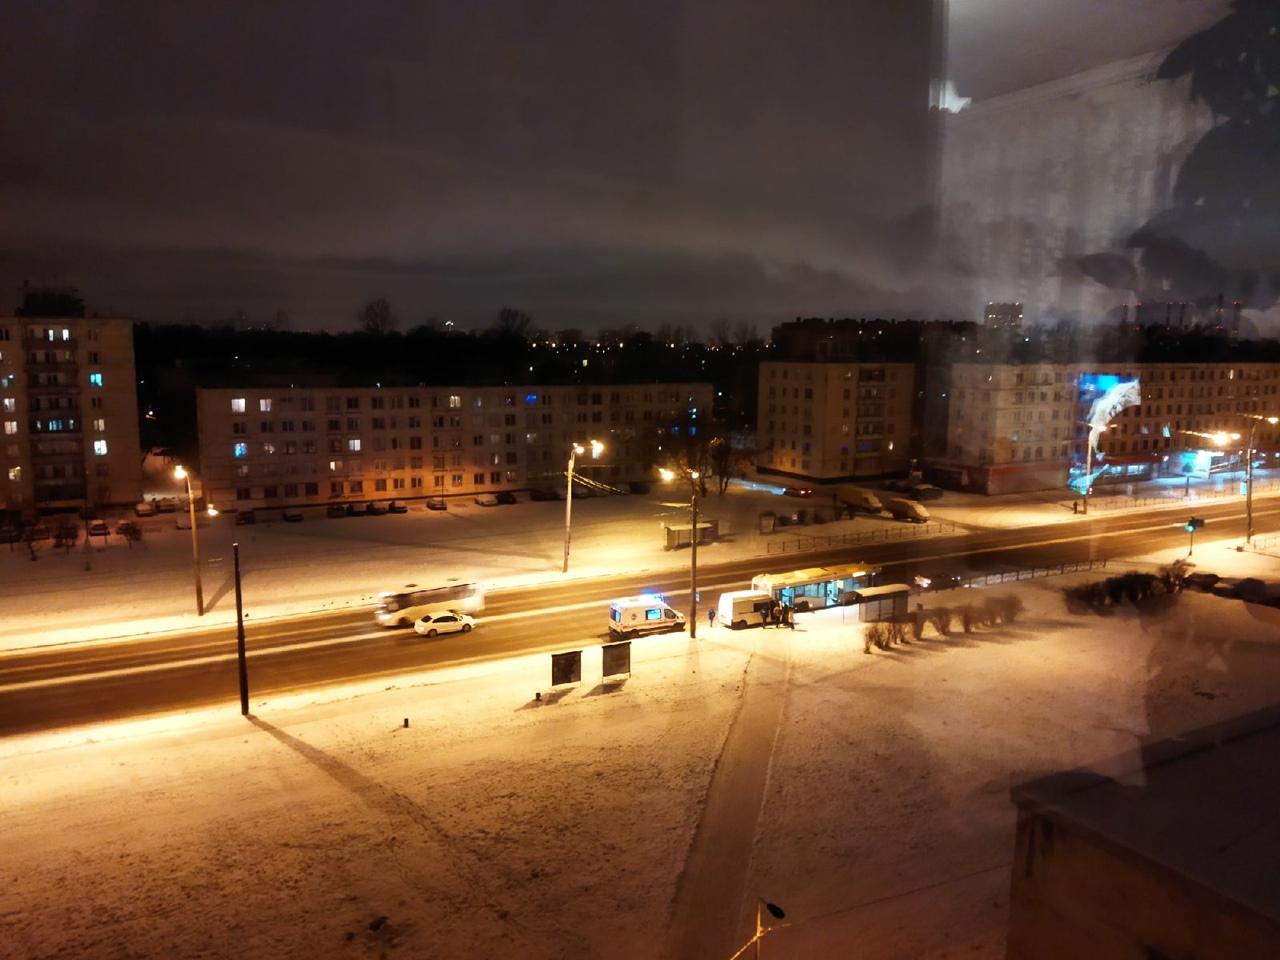 На Краснопутиловской у переезда белый седан тормознул в левой полосе, видимо сломался, микрик уворач...